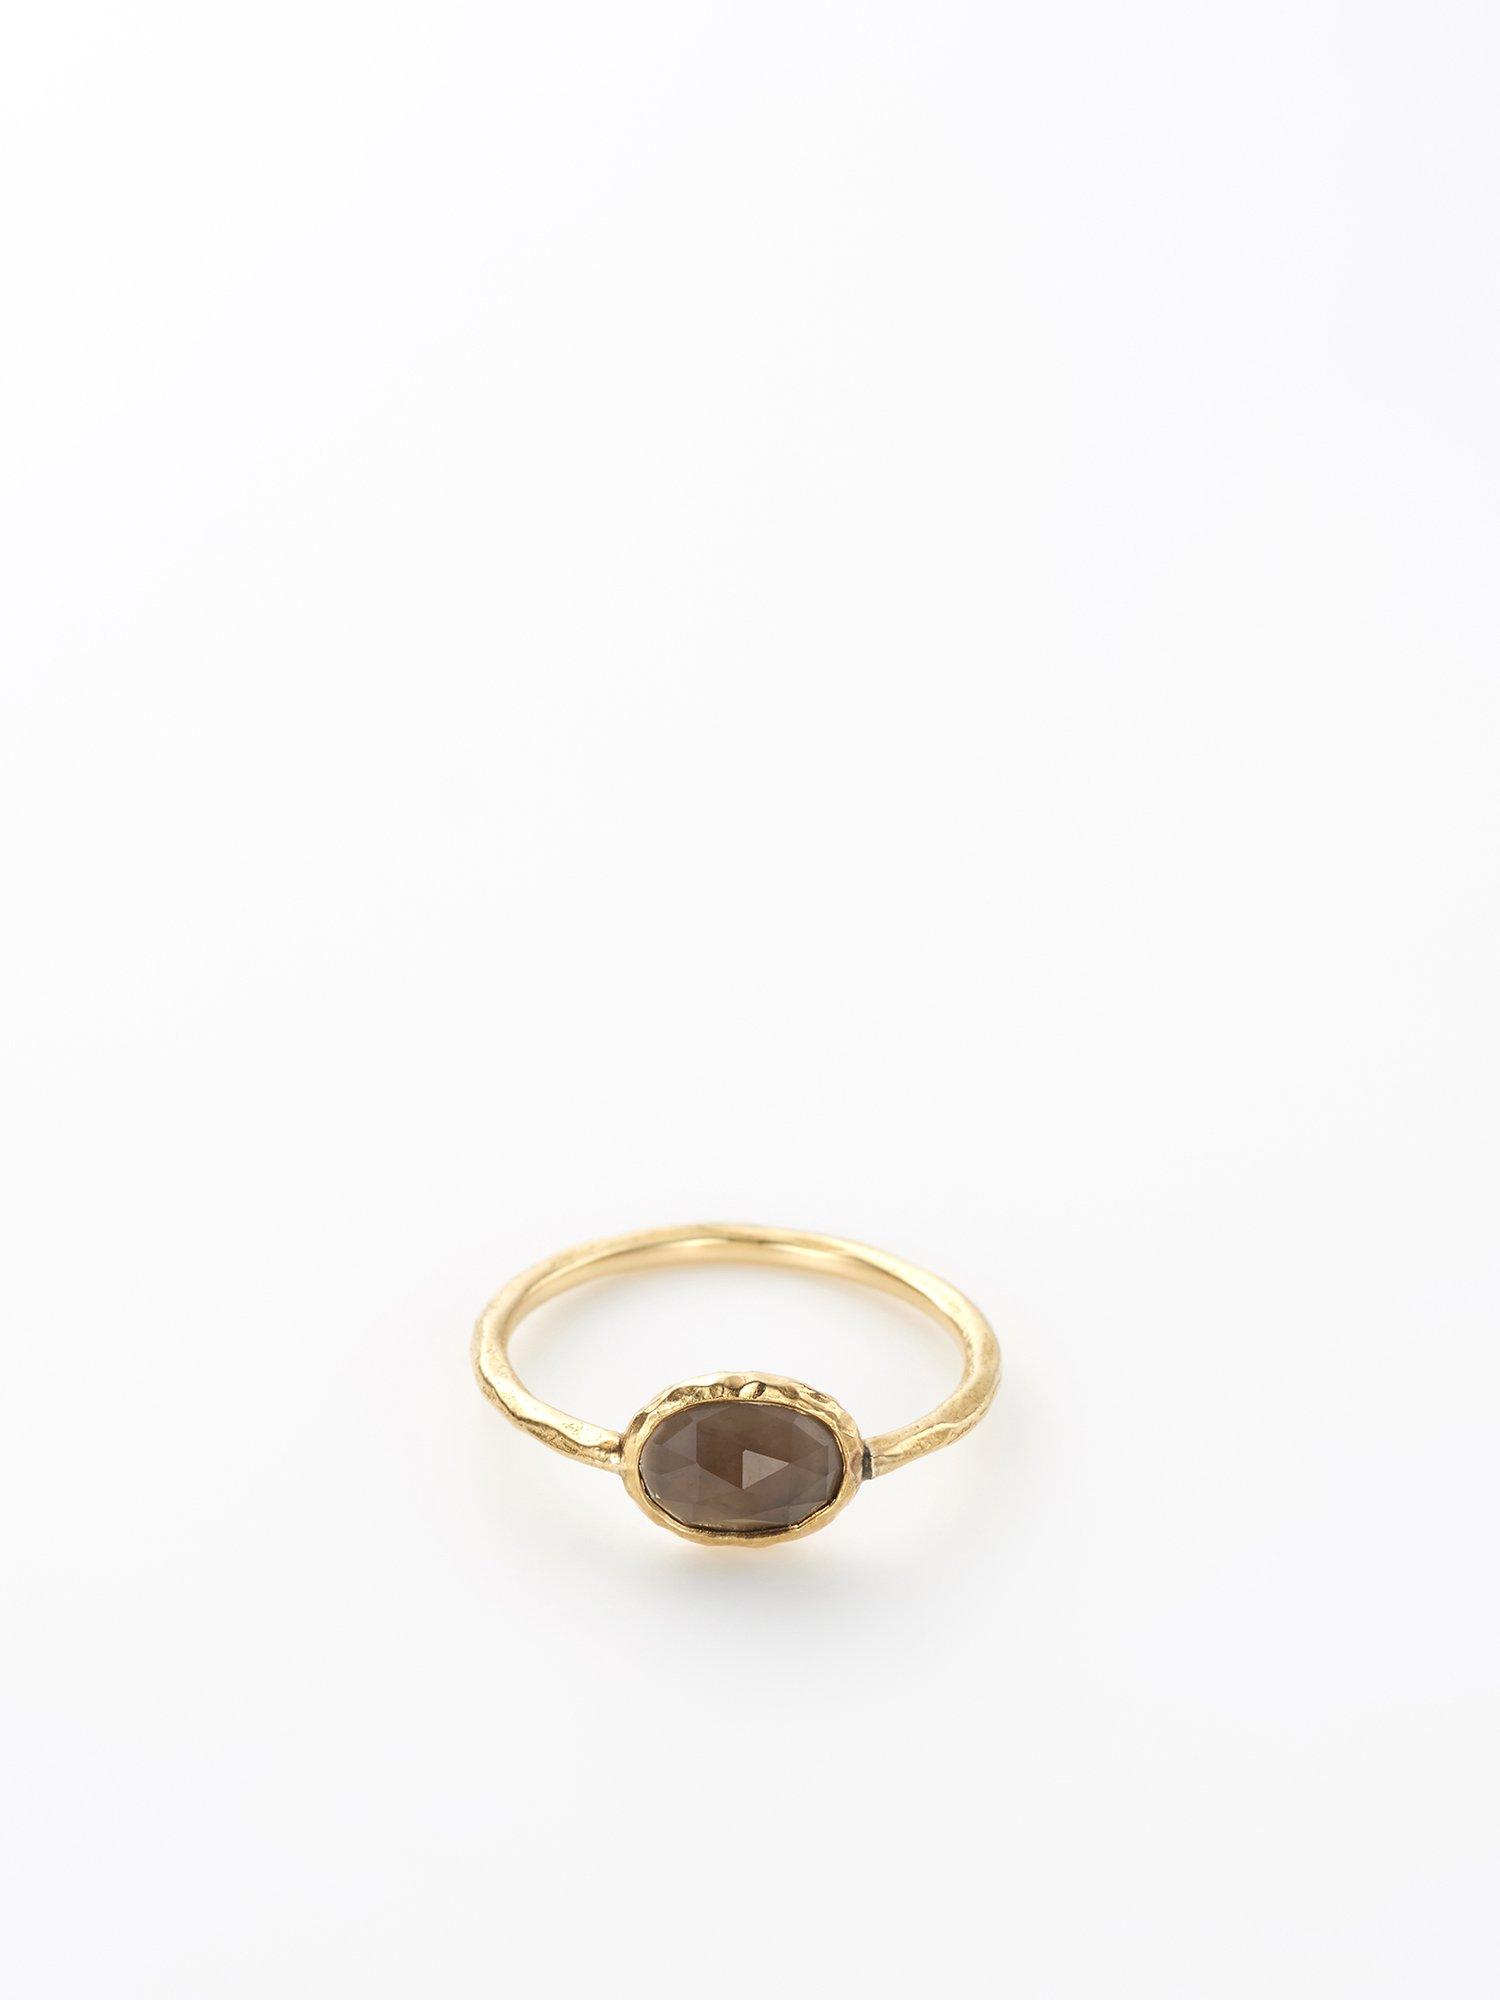 HISPANIA / Hispania lux ring / Smoky quartz